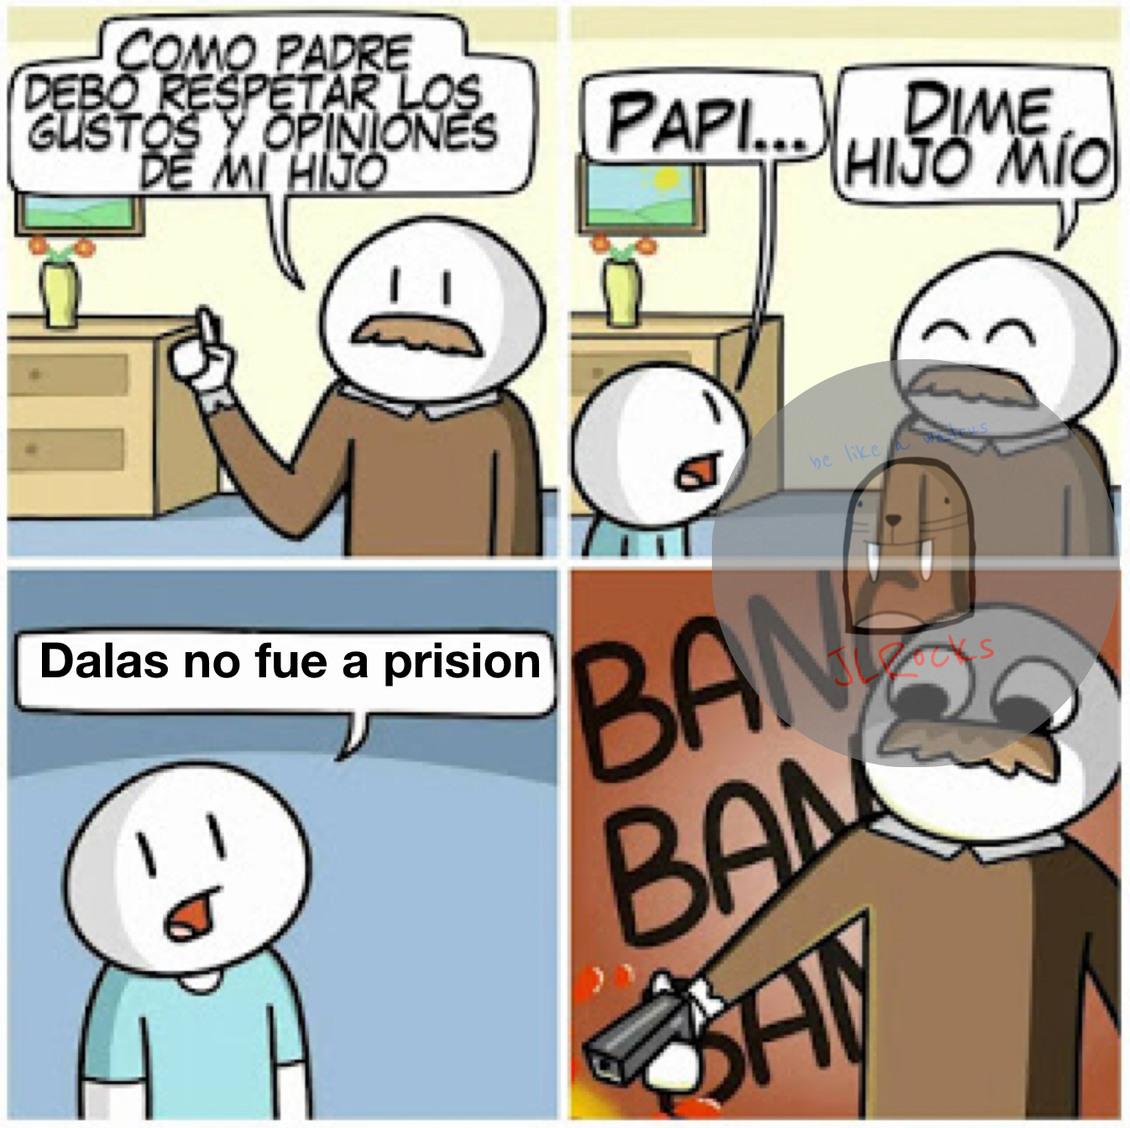 Dalas no fue a prision - meme